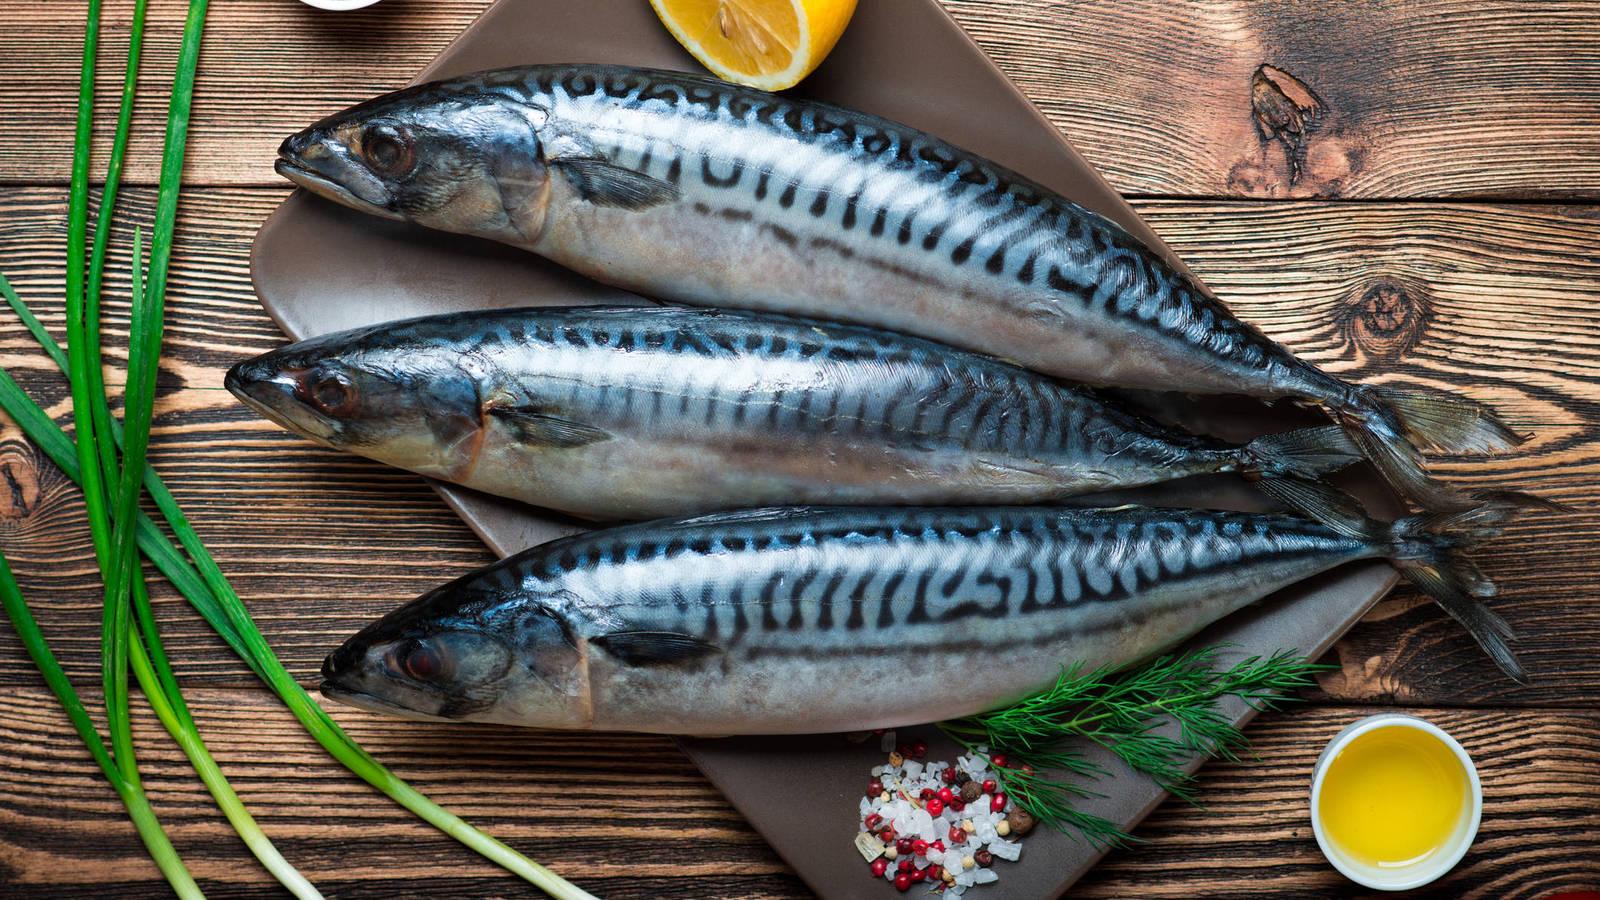 Aceite para freir pescado